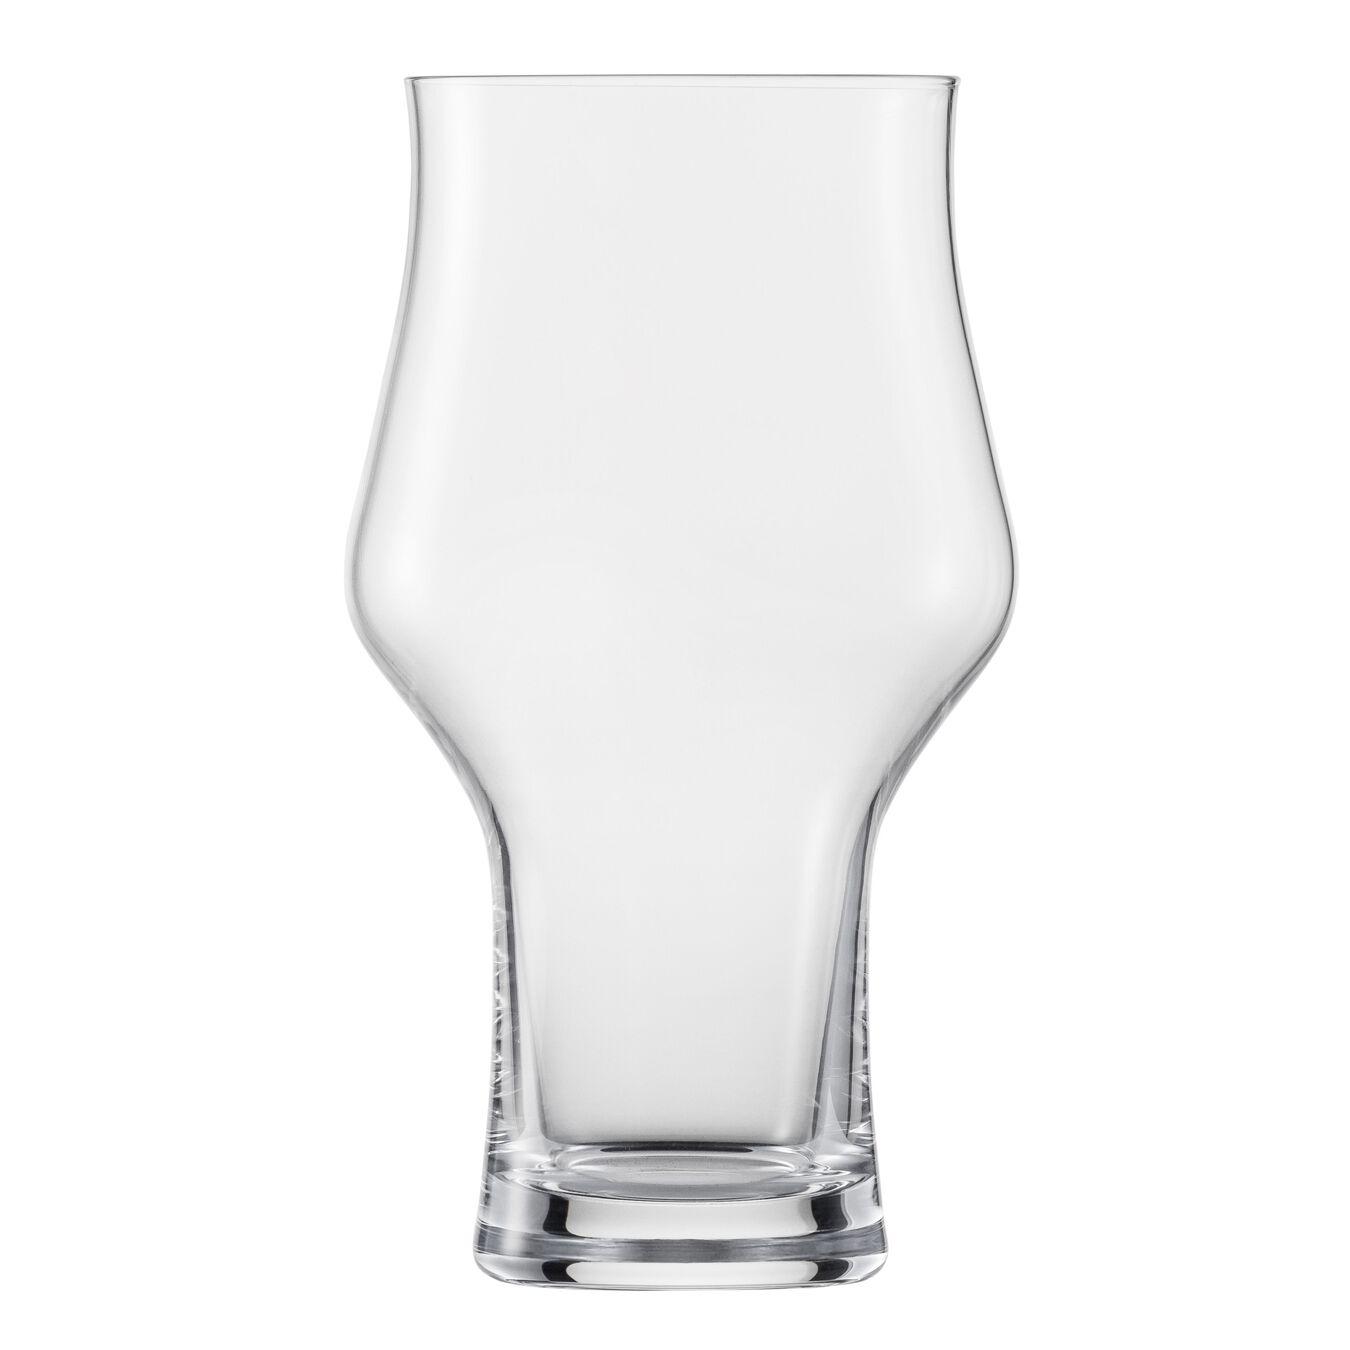 Bira Bardağı   480 ml,,large 1